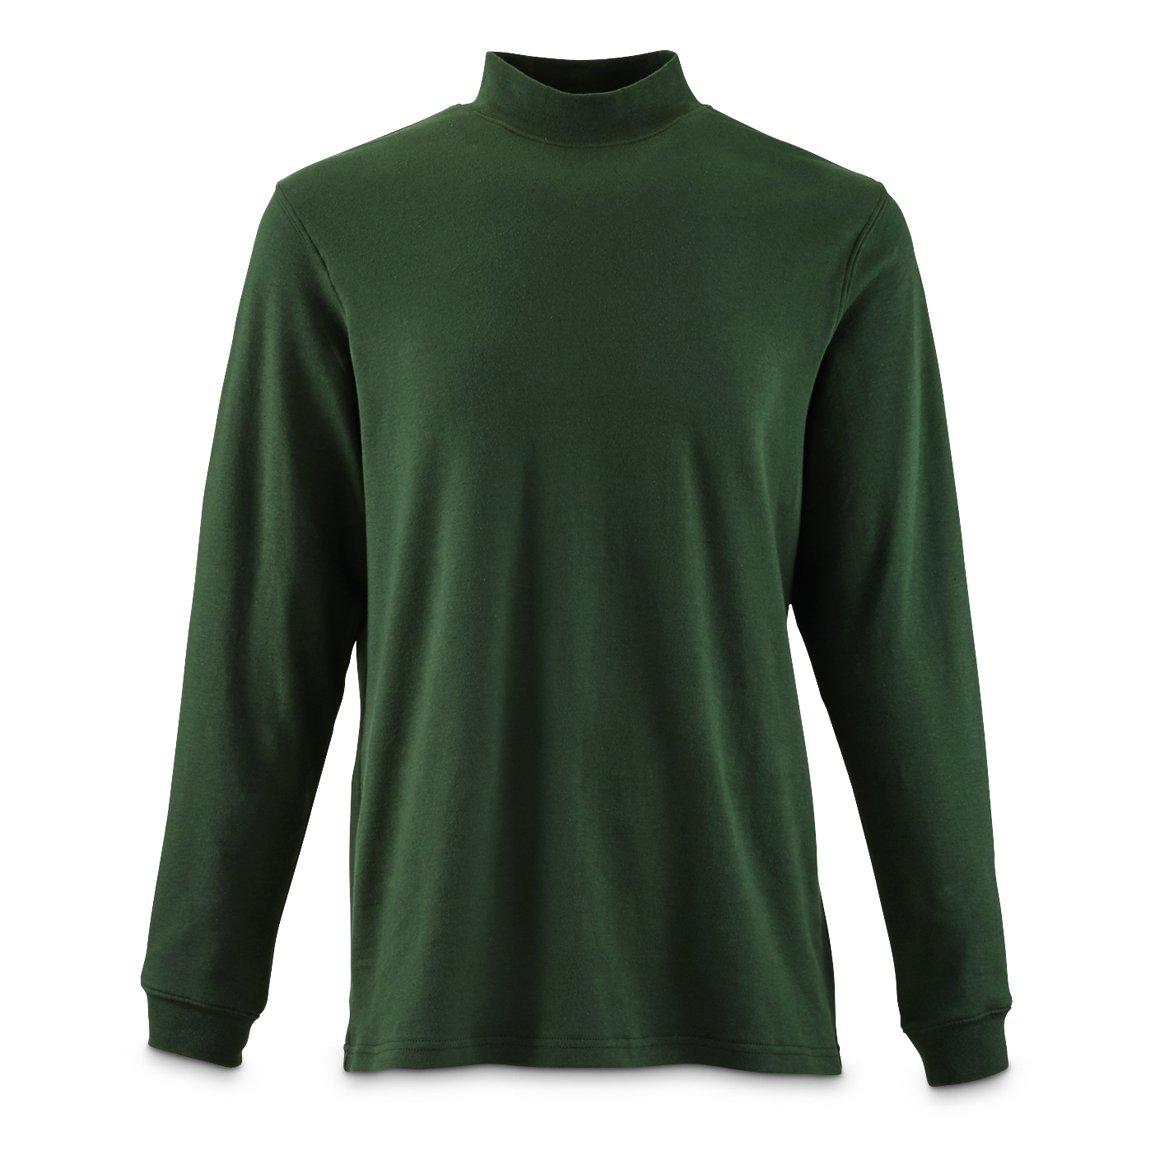 Guide Gear Men's Mock Turtleneck Long-Sleeve Shirt